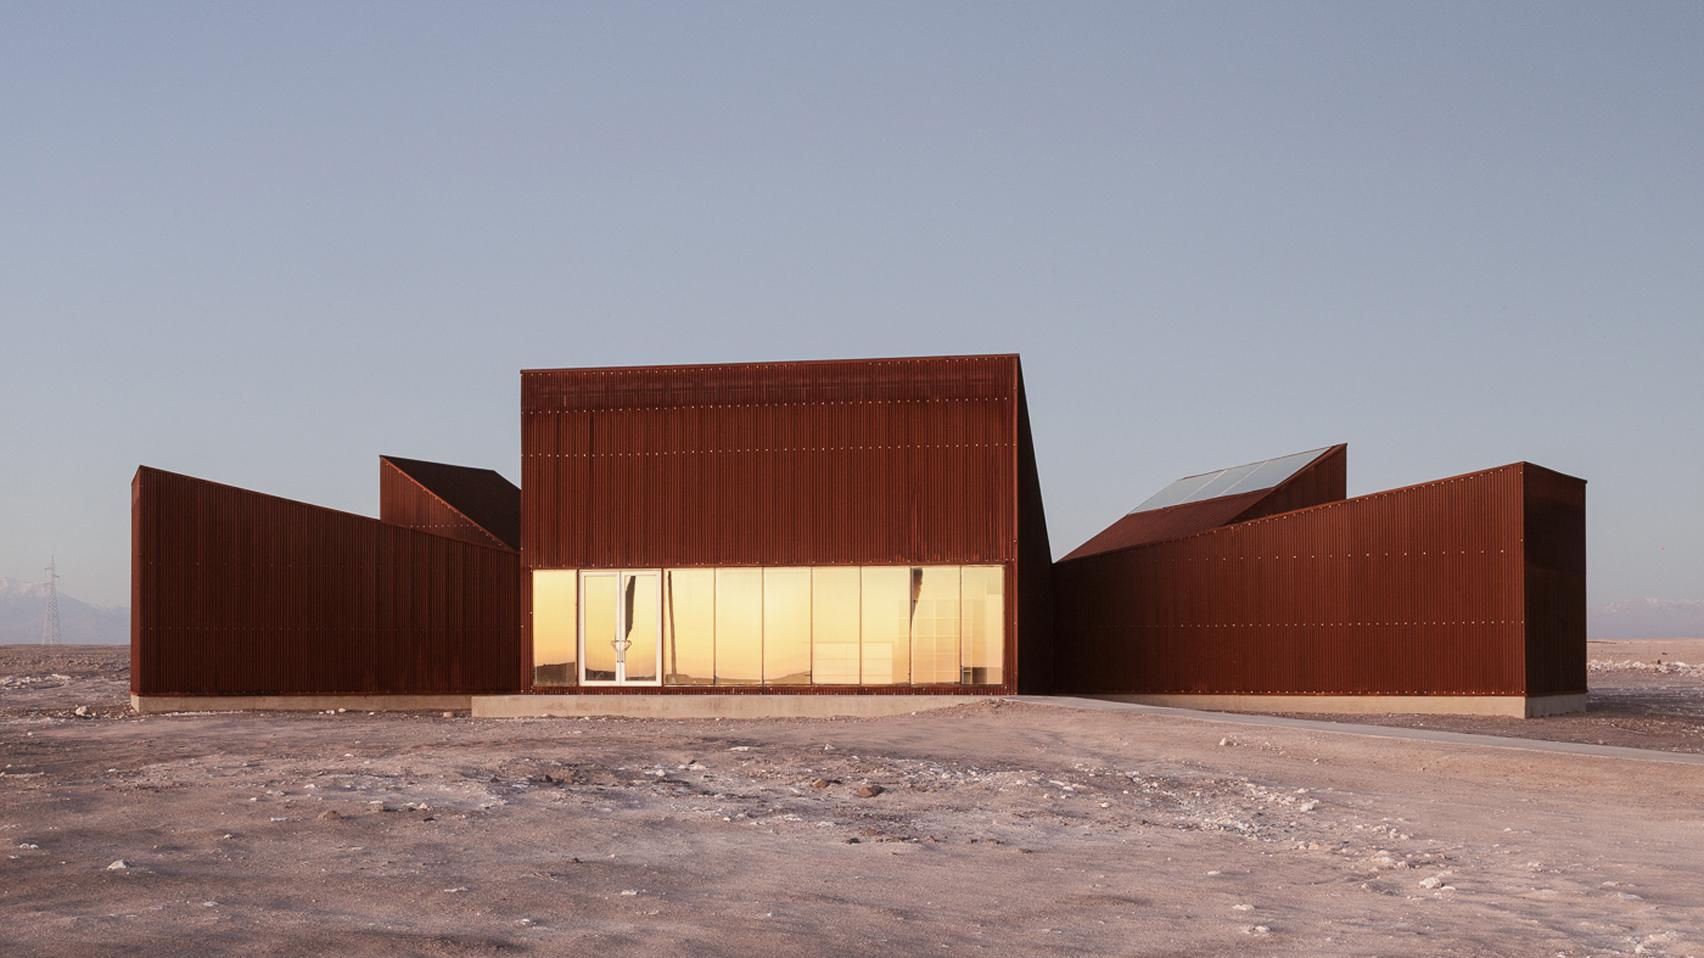 center-interpretation-desert-1.jpg